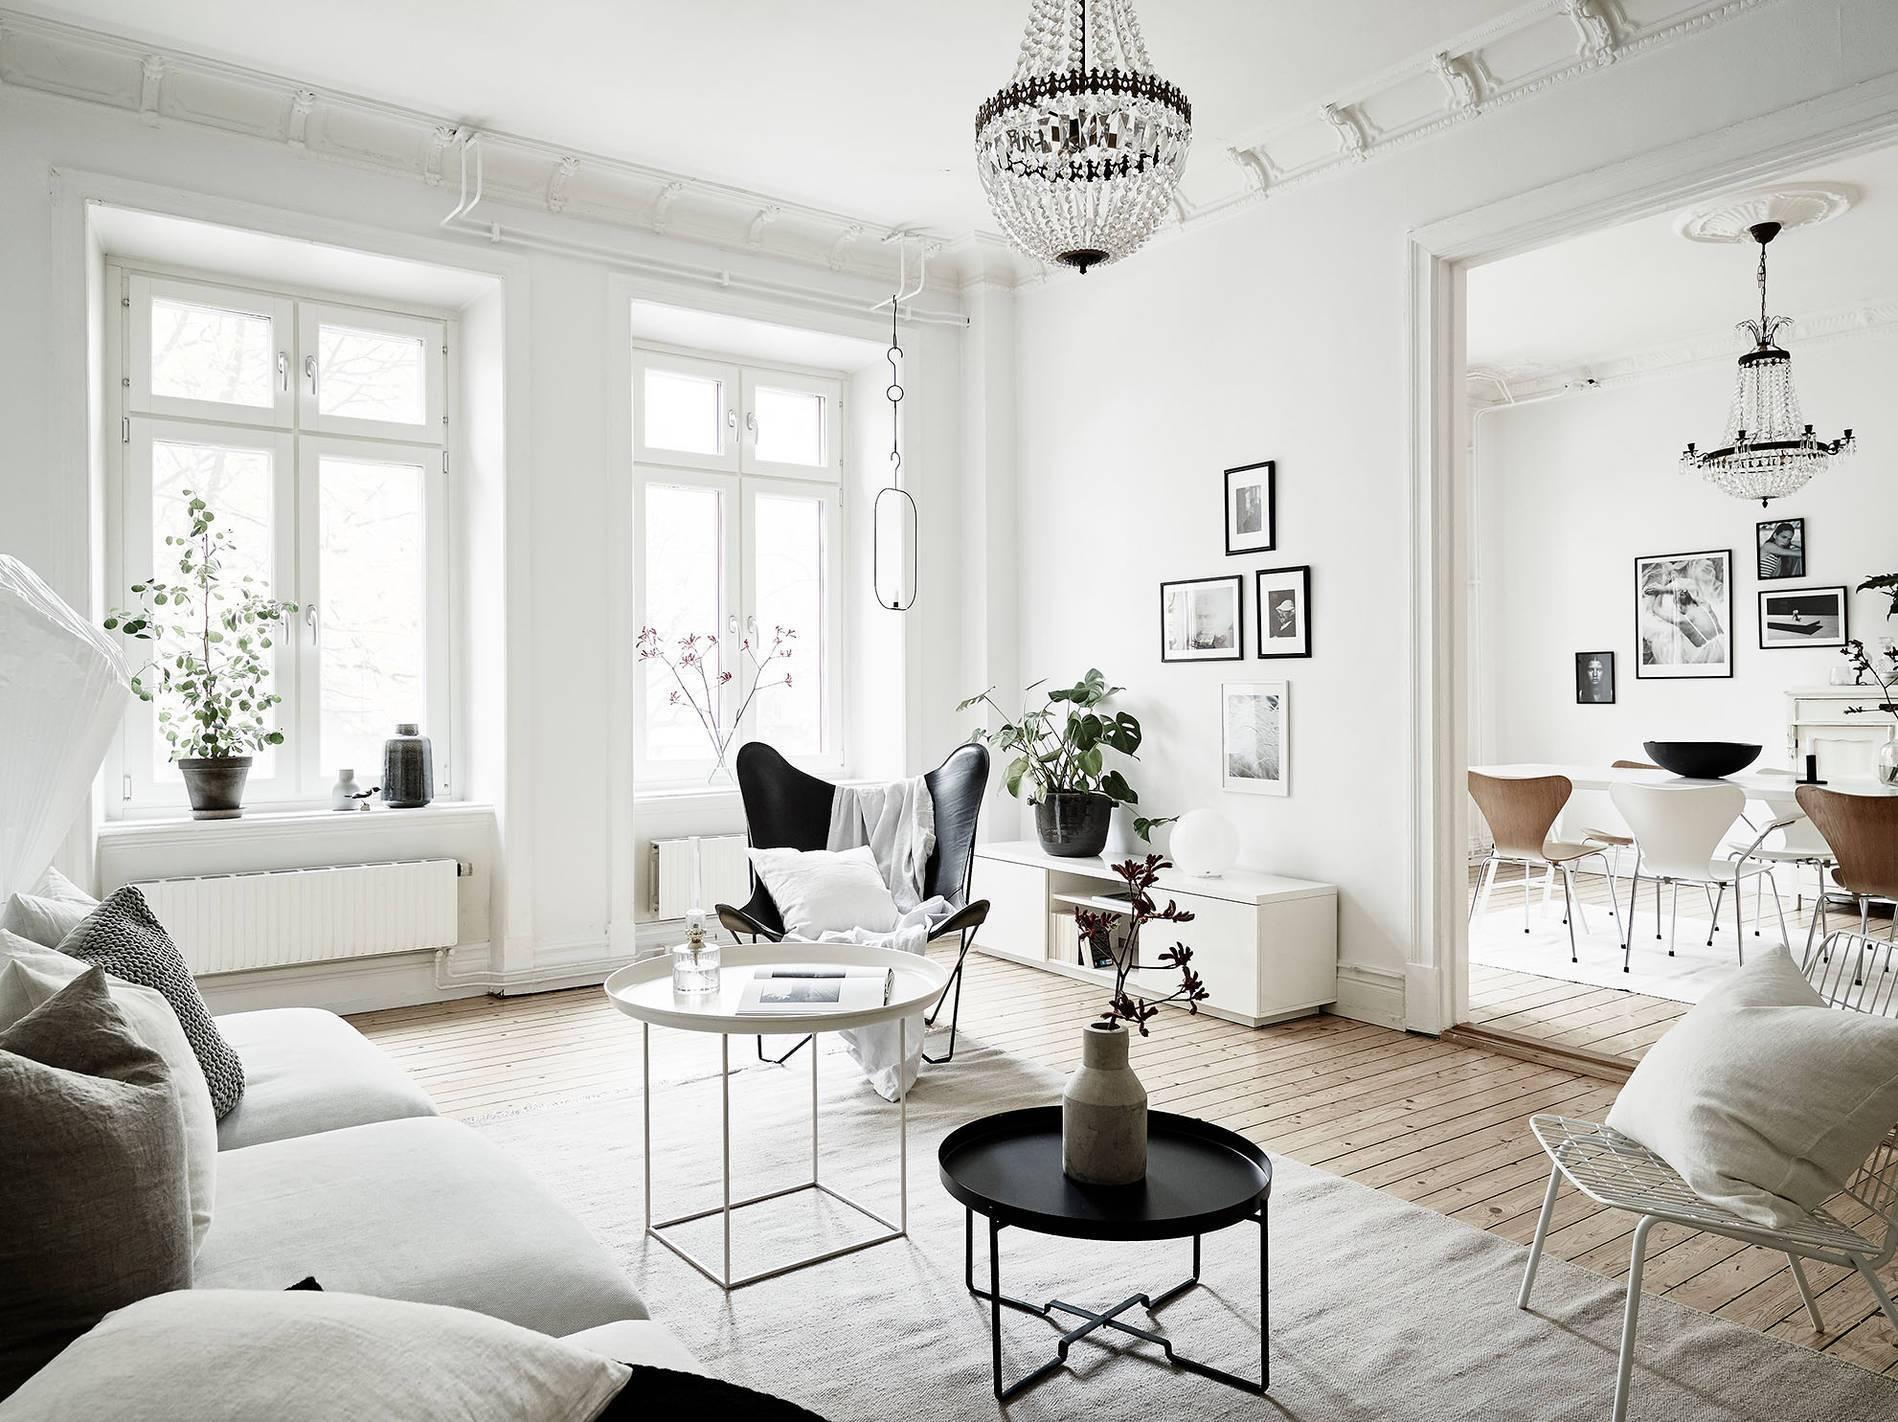 Có hay không nên thuê thiết kế thi công nội thất?